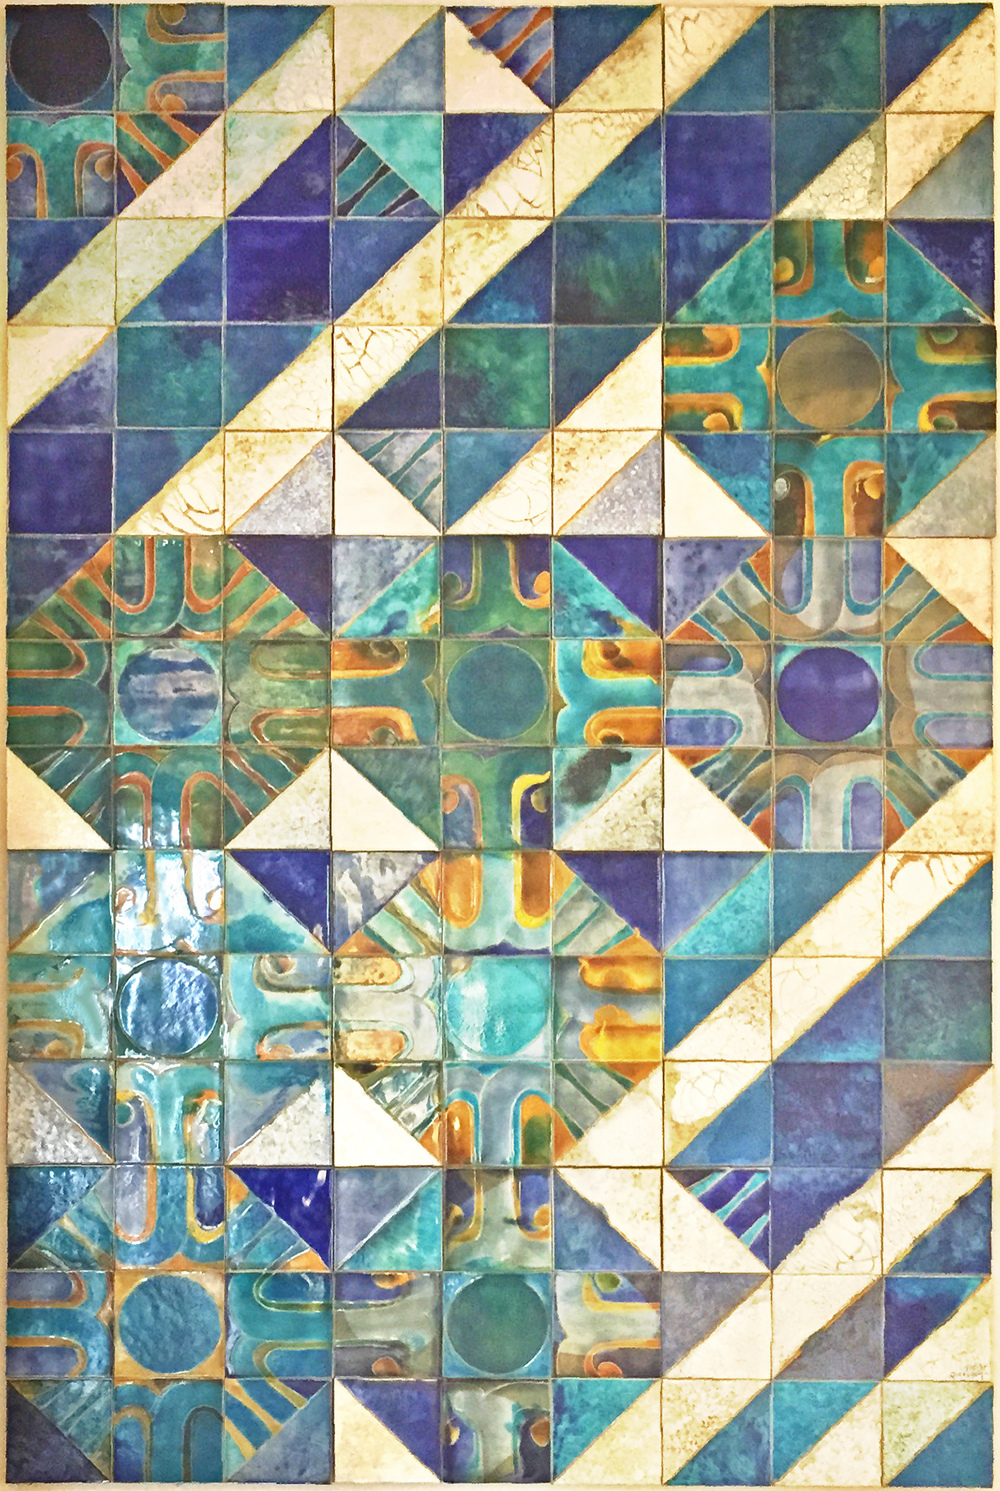 Composição, a tile panel by Querubim Lapa (b 1925)